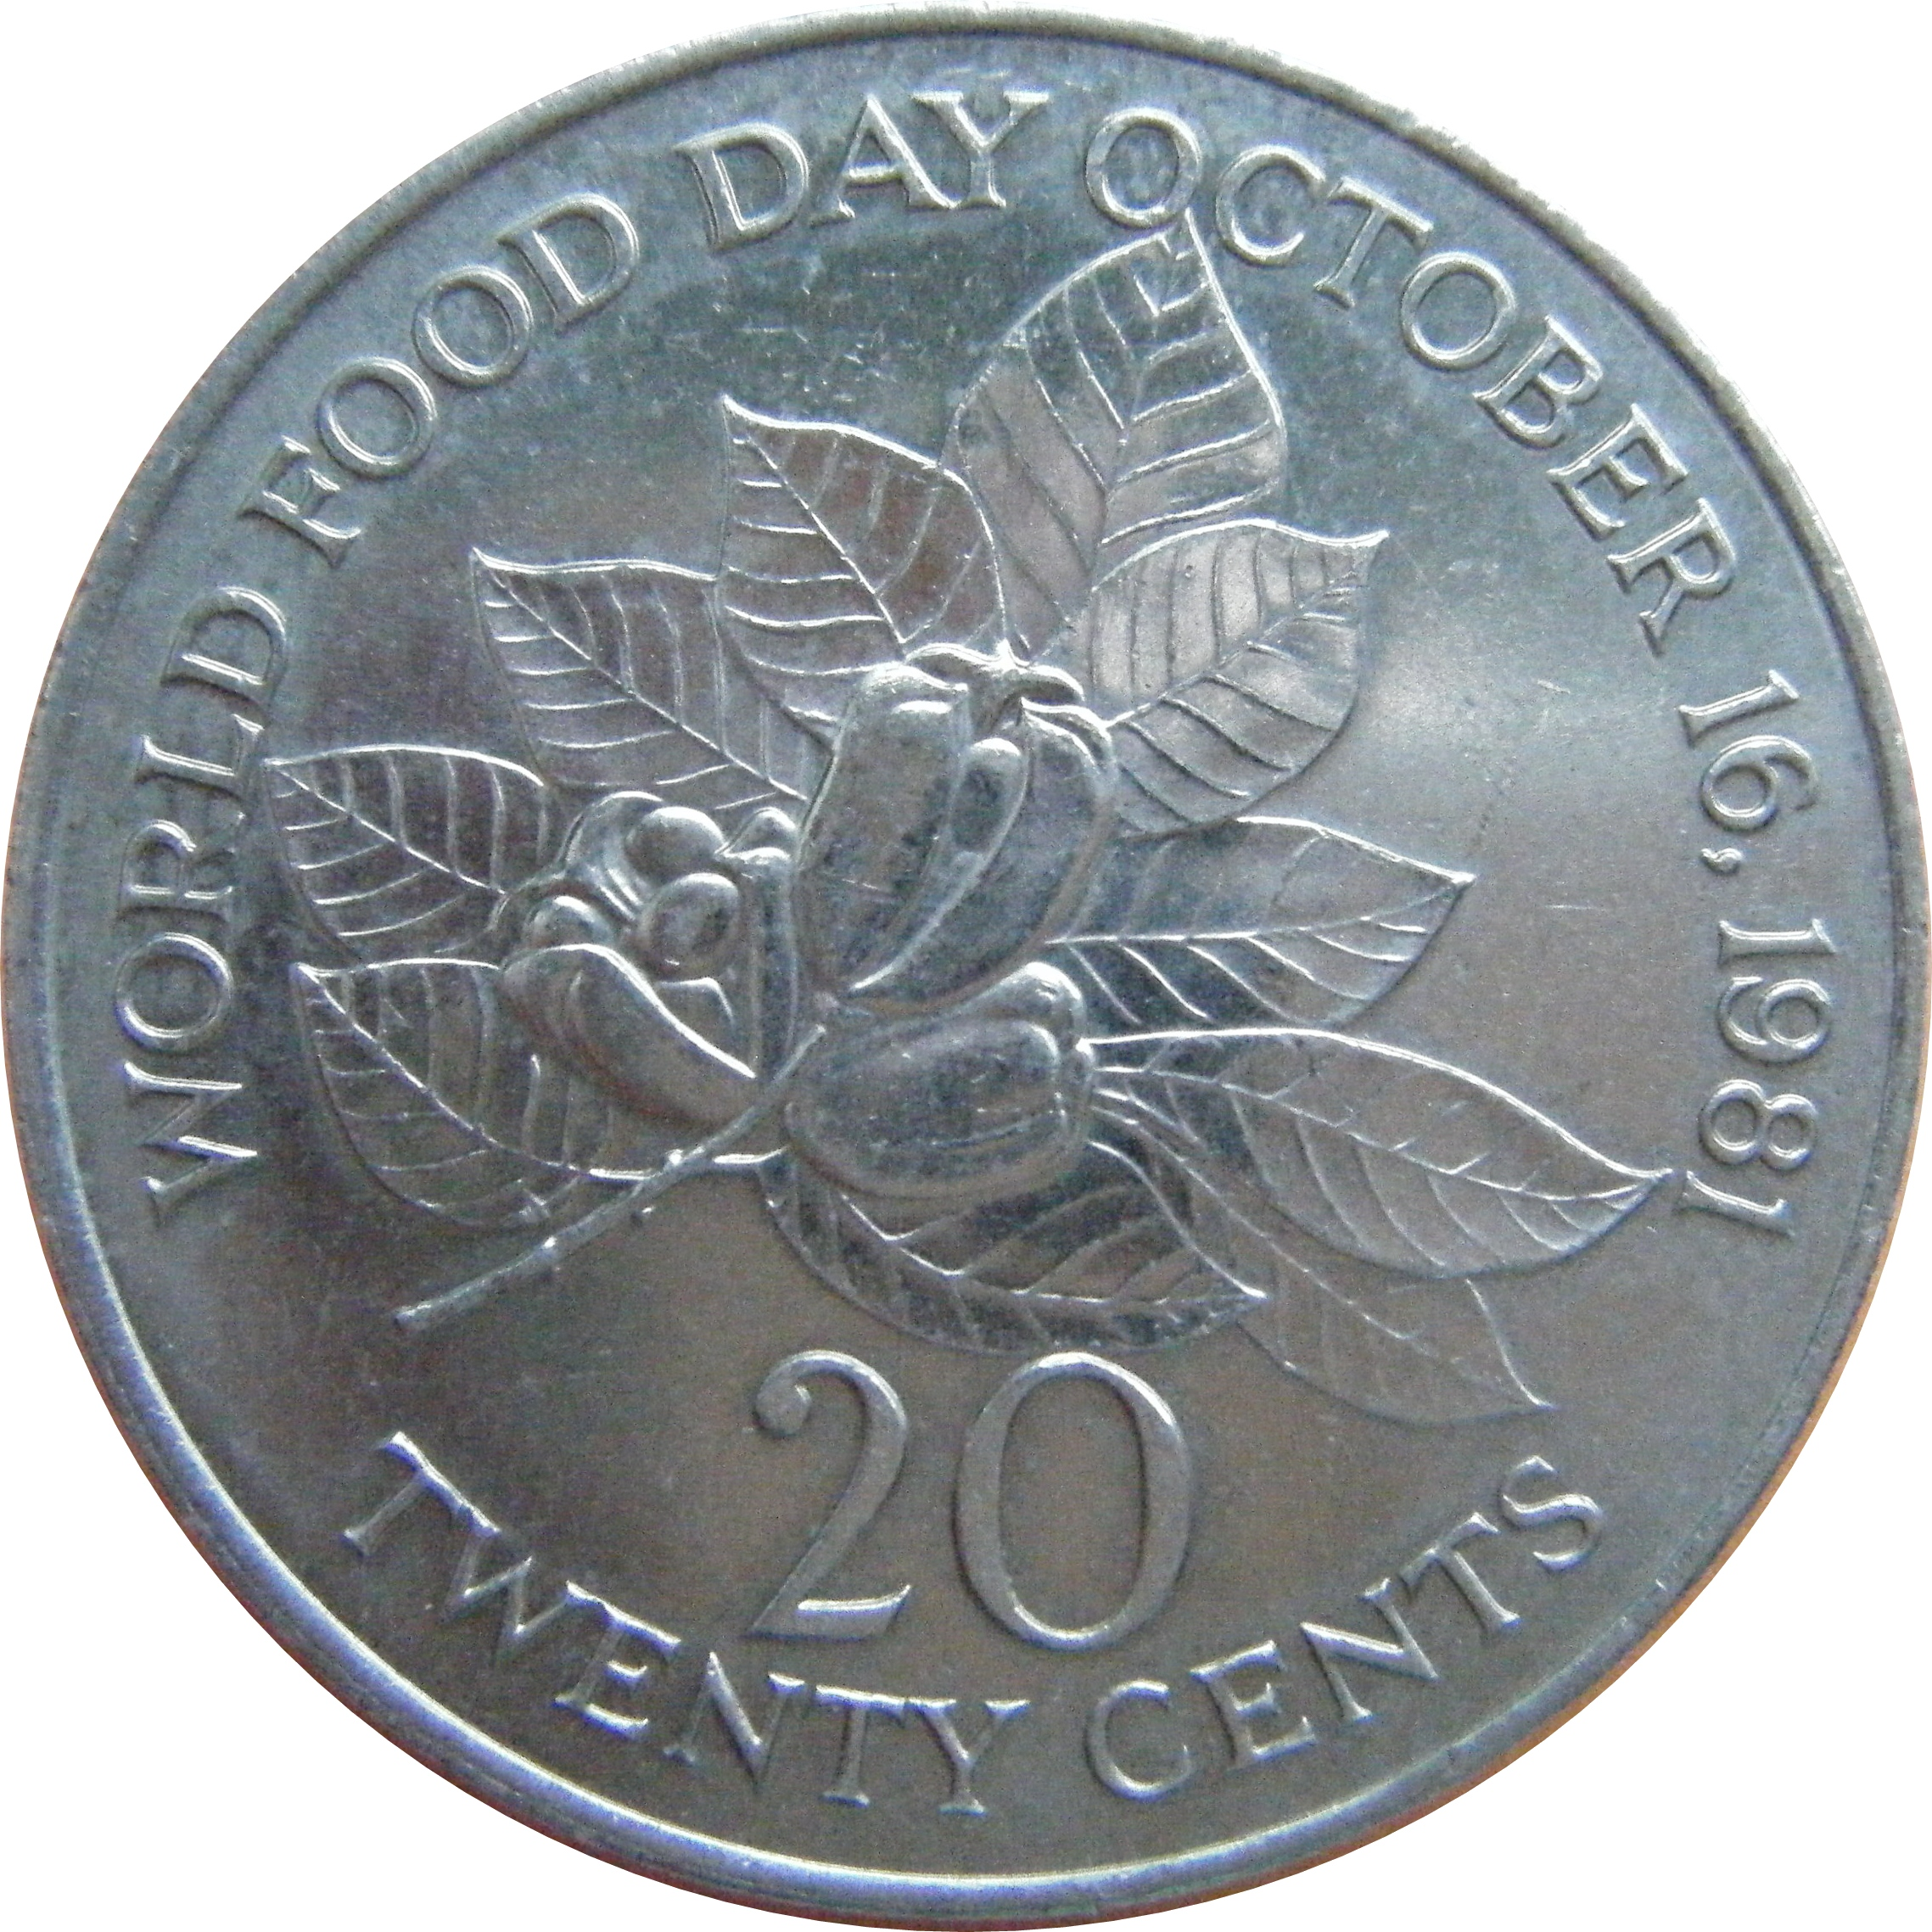 1986 One Dollar Coin ELIZABETH II CANADA Last Year Nickel K